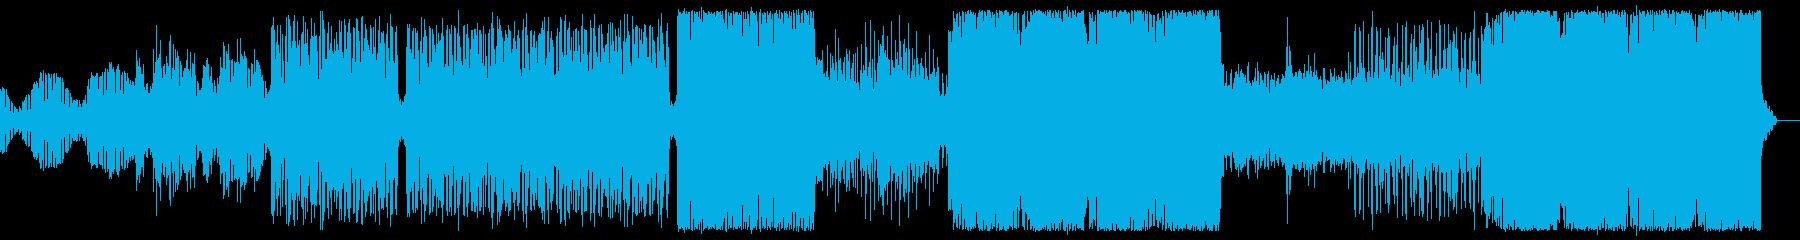 渦巻く決意のテクノ-トランス。強い...の再生済みの波形